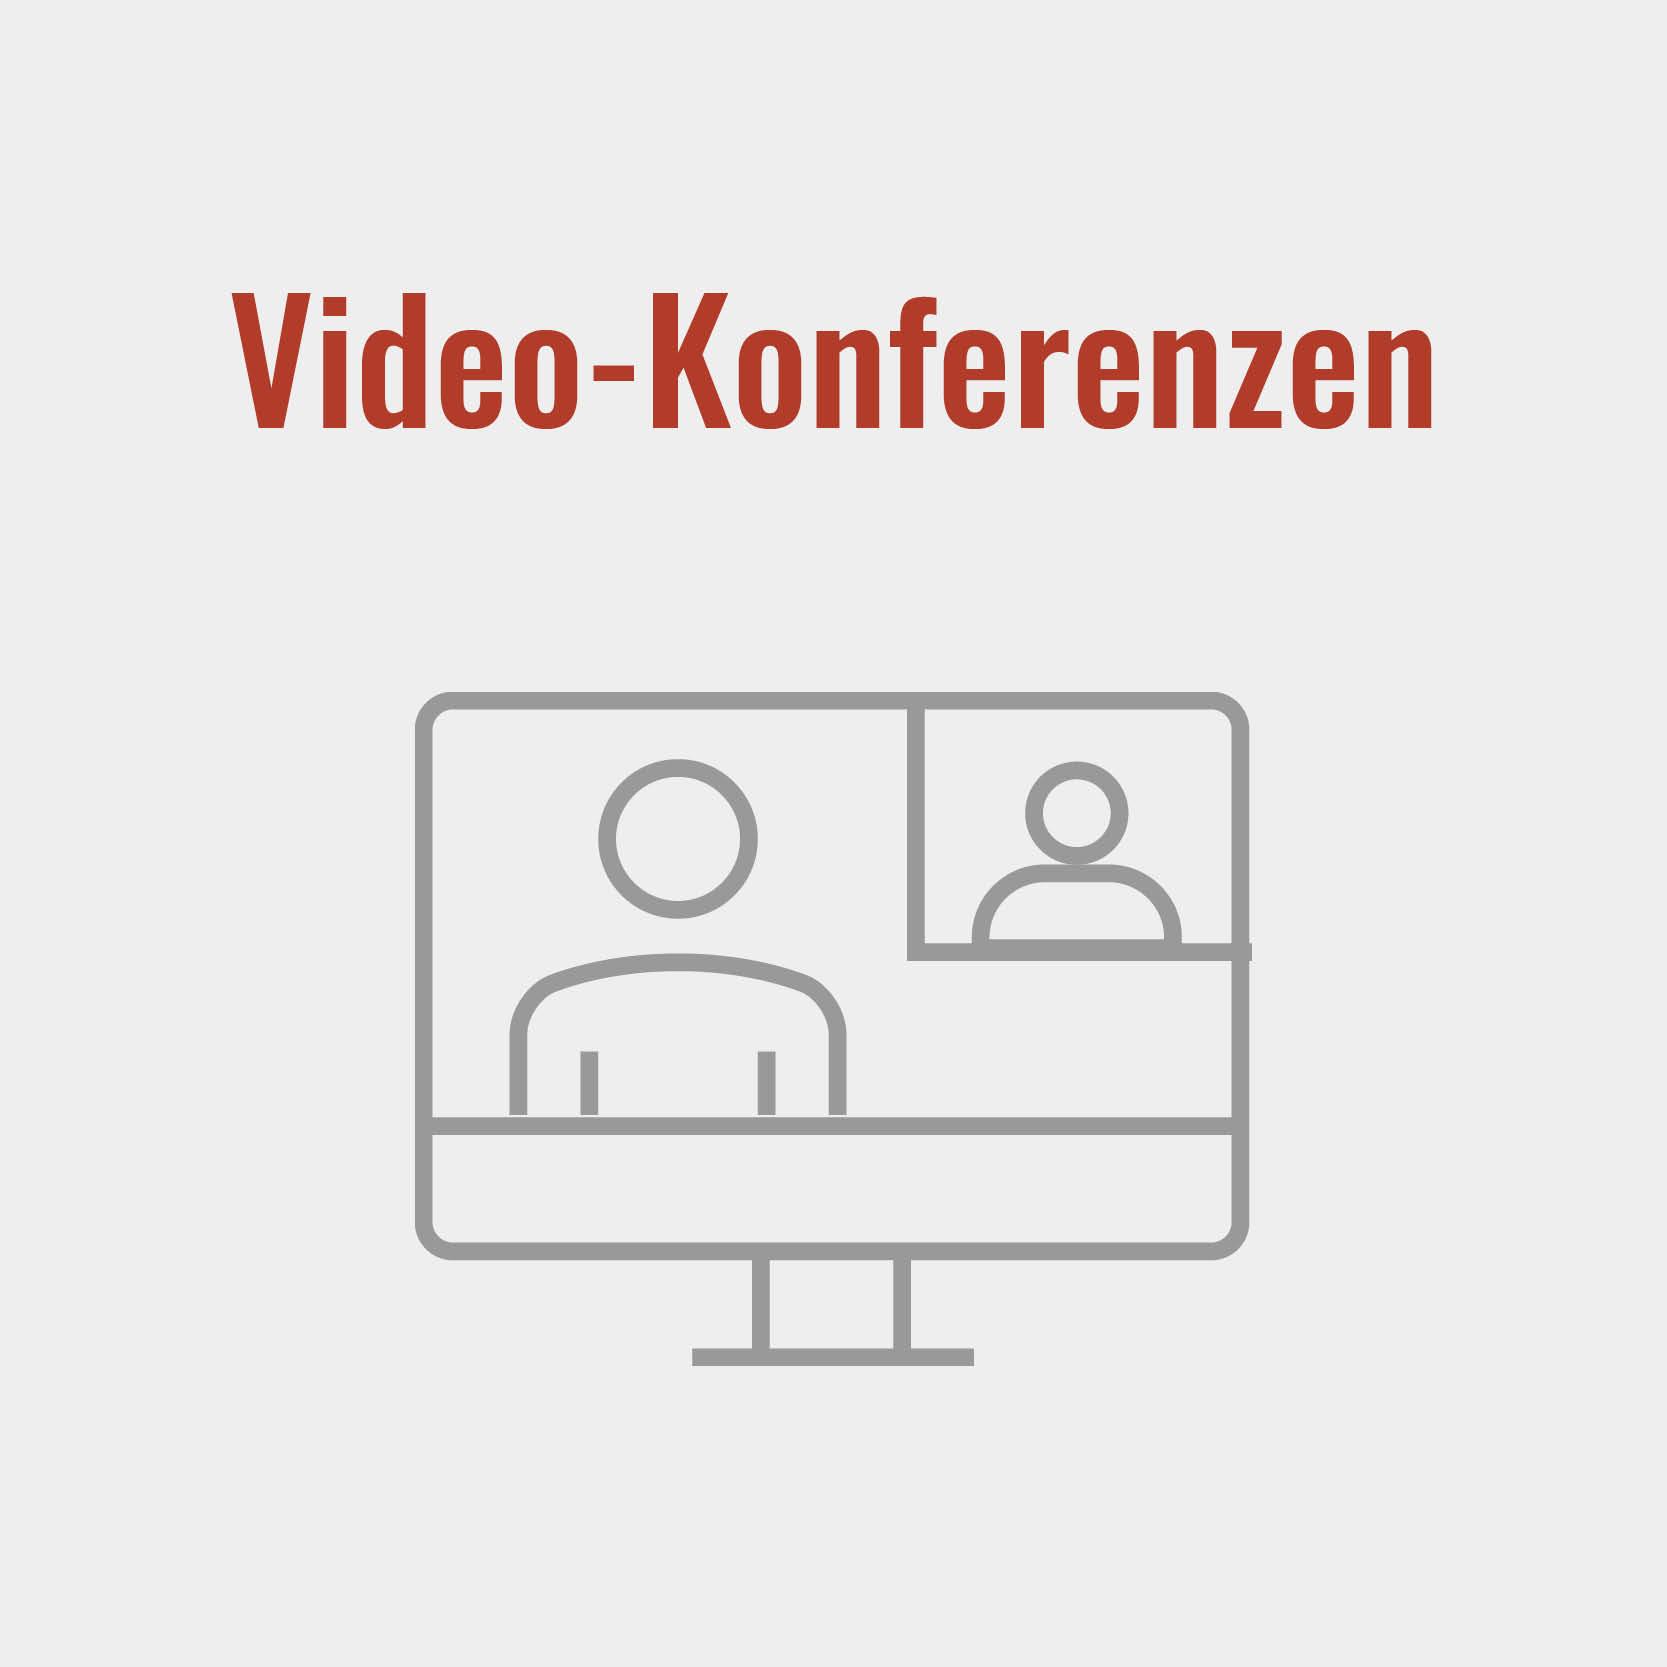 Video Konferenzen